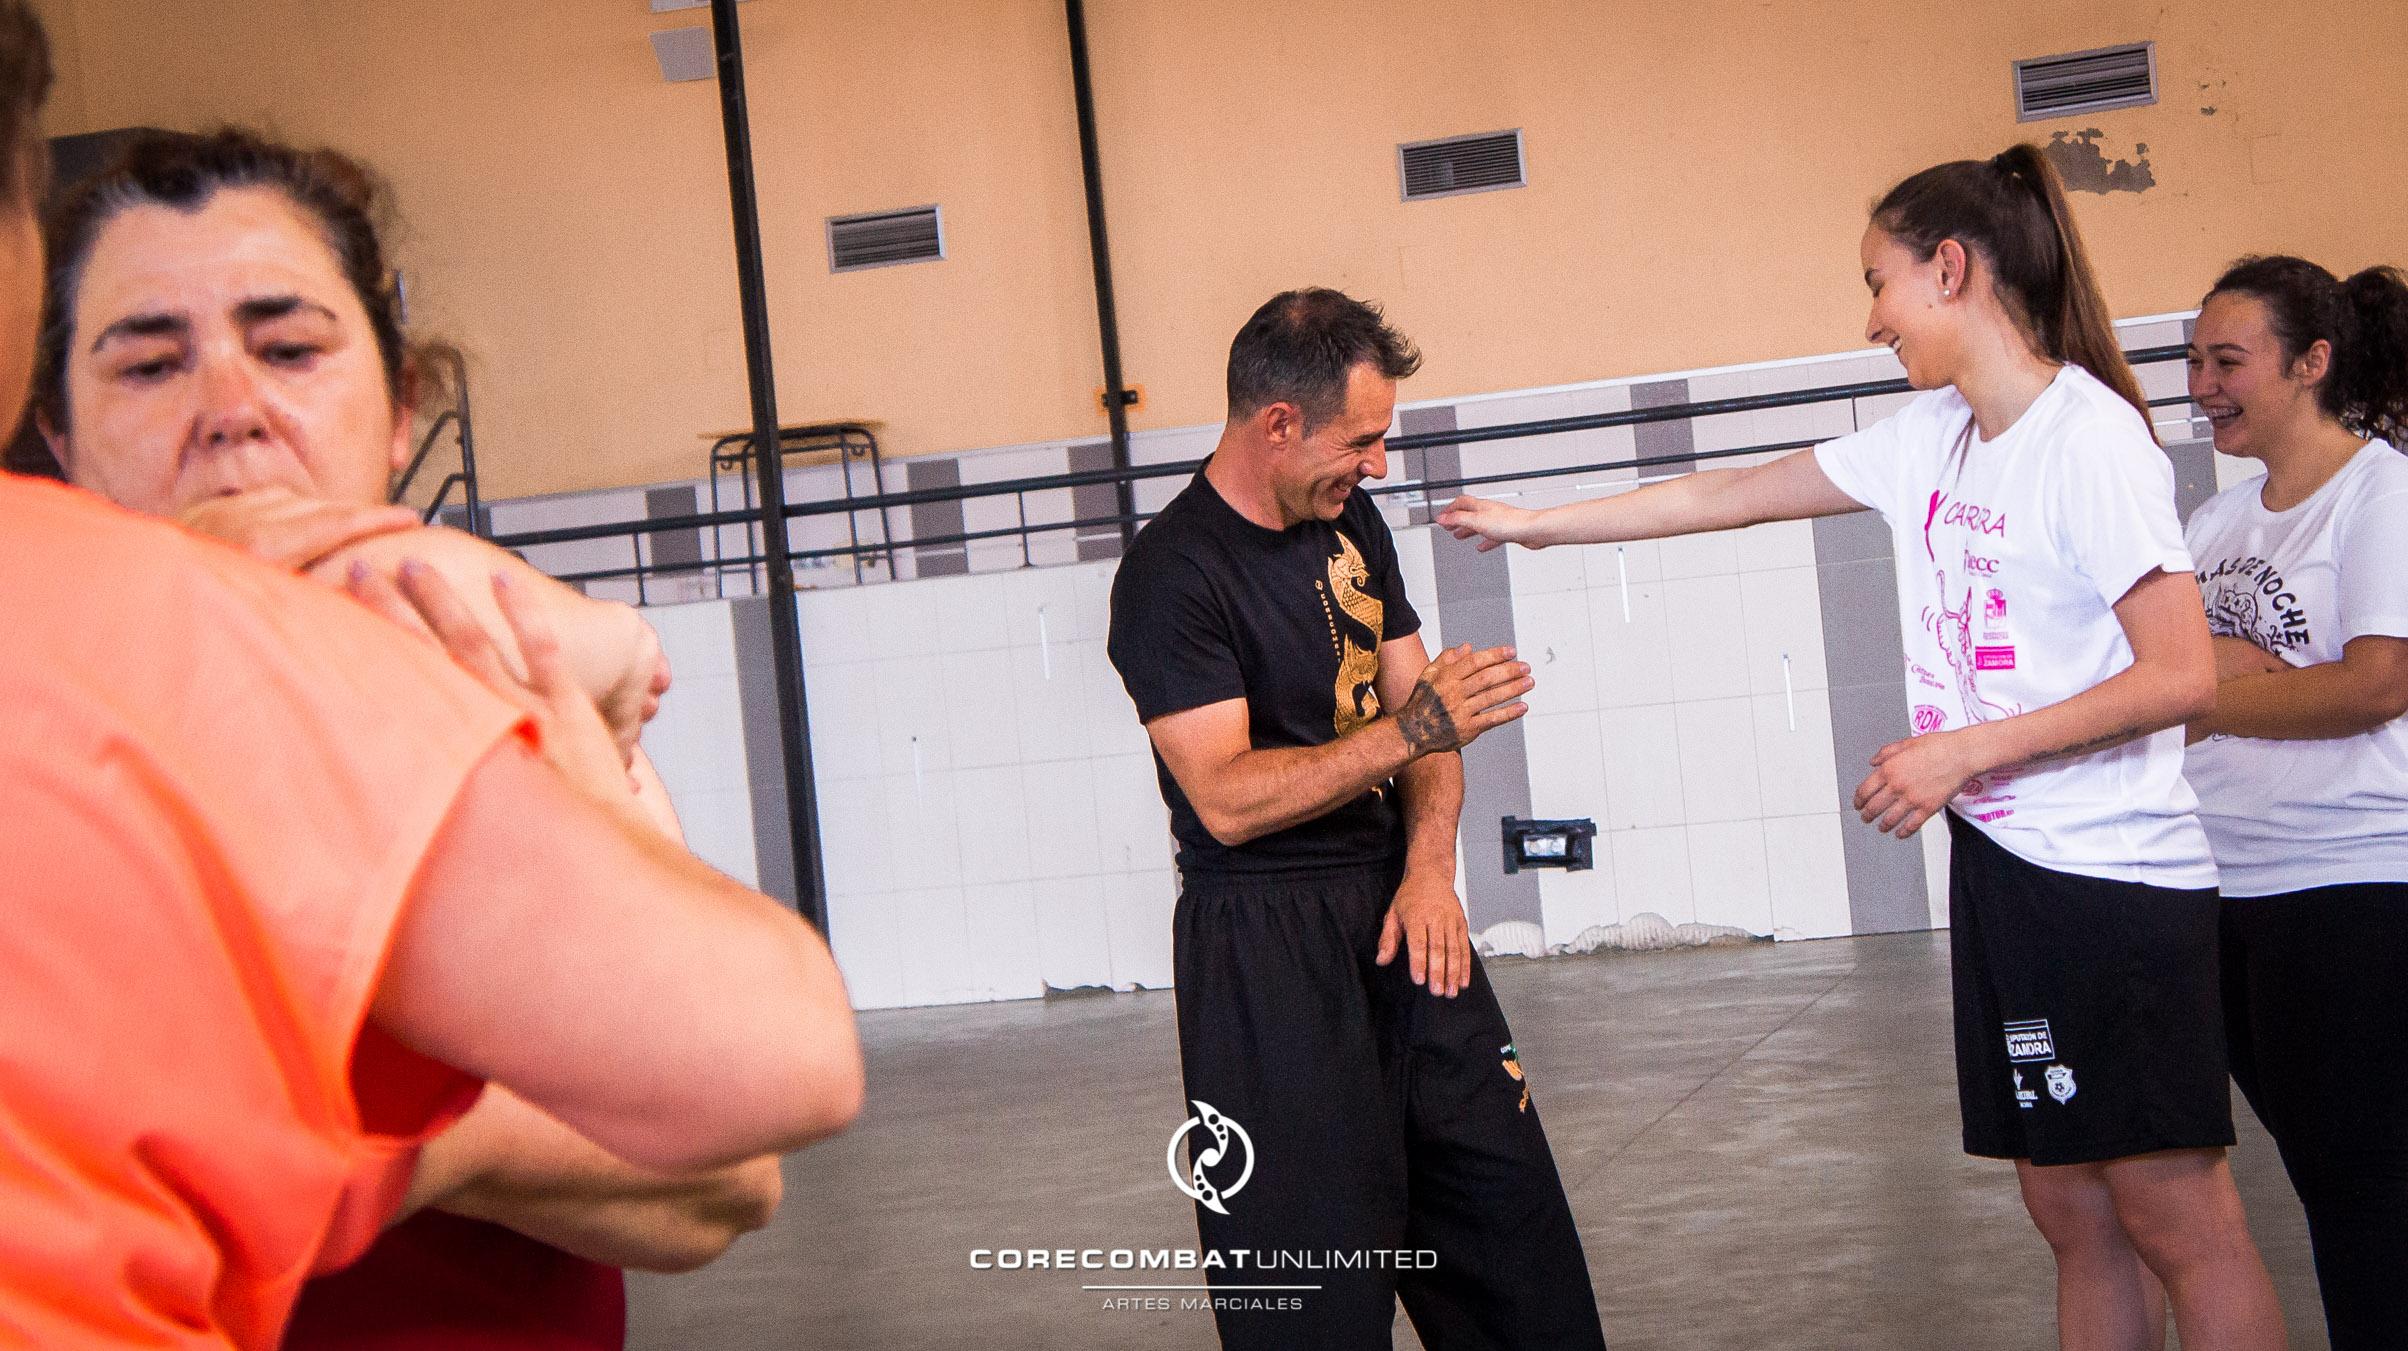 curso-defensa-personal-para-mujeres-zamora-coreses-artes-marciales-zamora-core-combat-salamanca-valladolid-leon-madrid-04